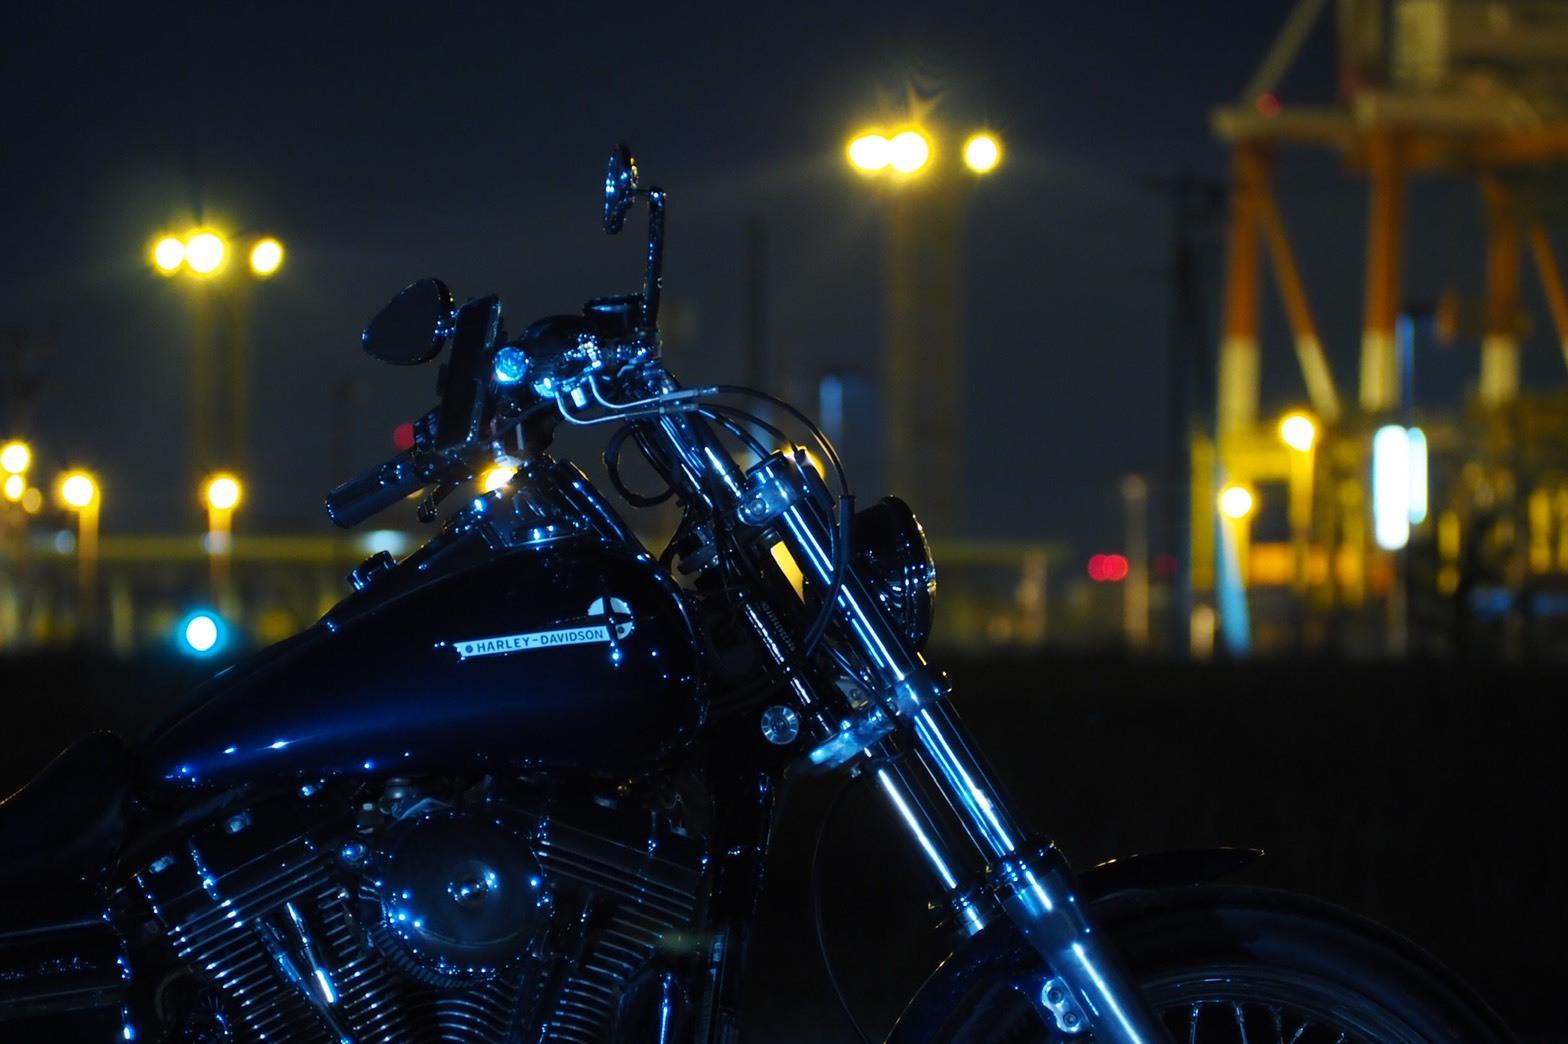 ぴーきち&ダイナ ハーレーブログ 大阪ツーリング ナイトバージョン 夢洲の空き地 大阪万博開催予定地 夜景 その3